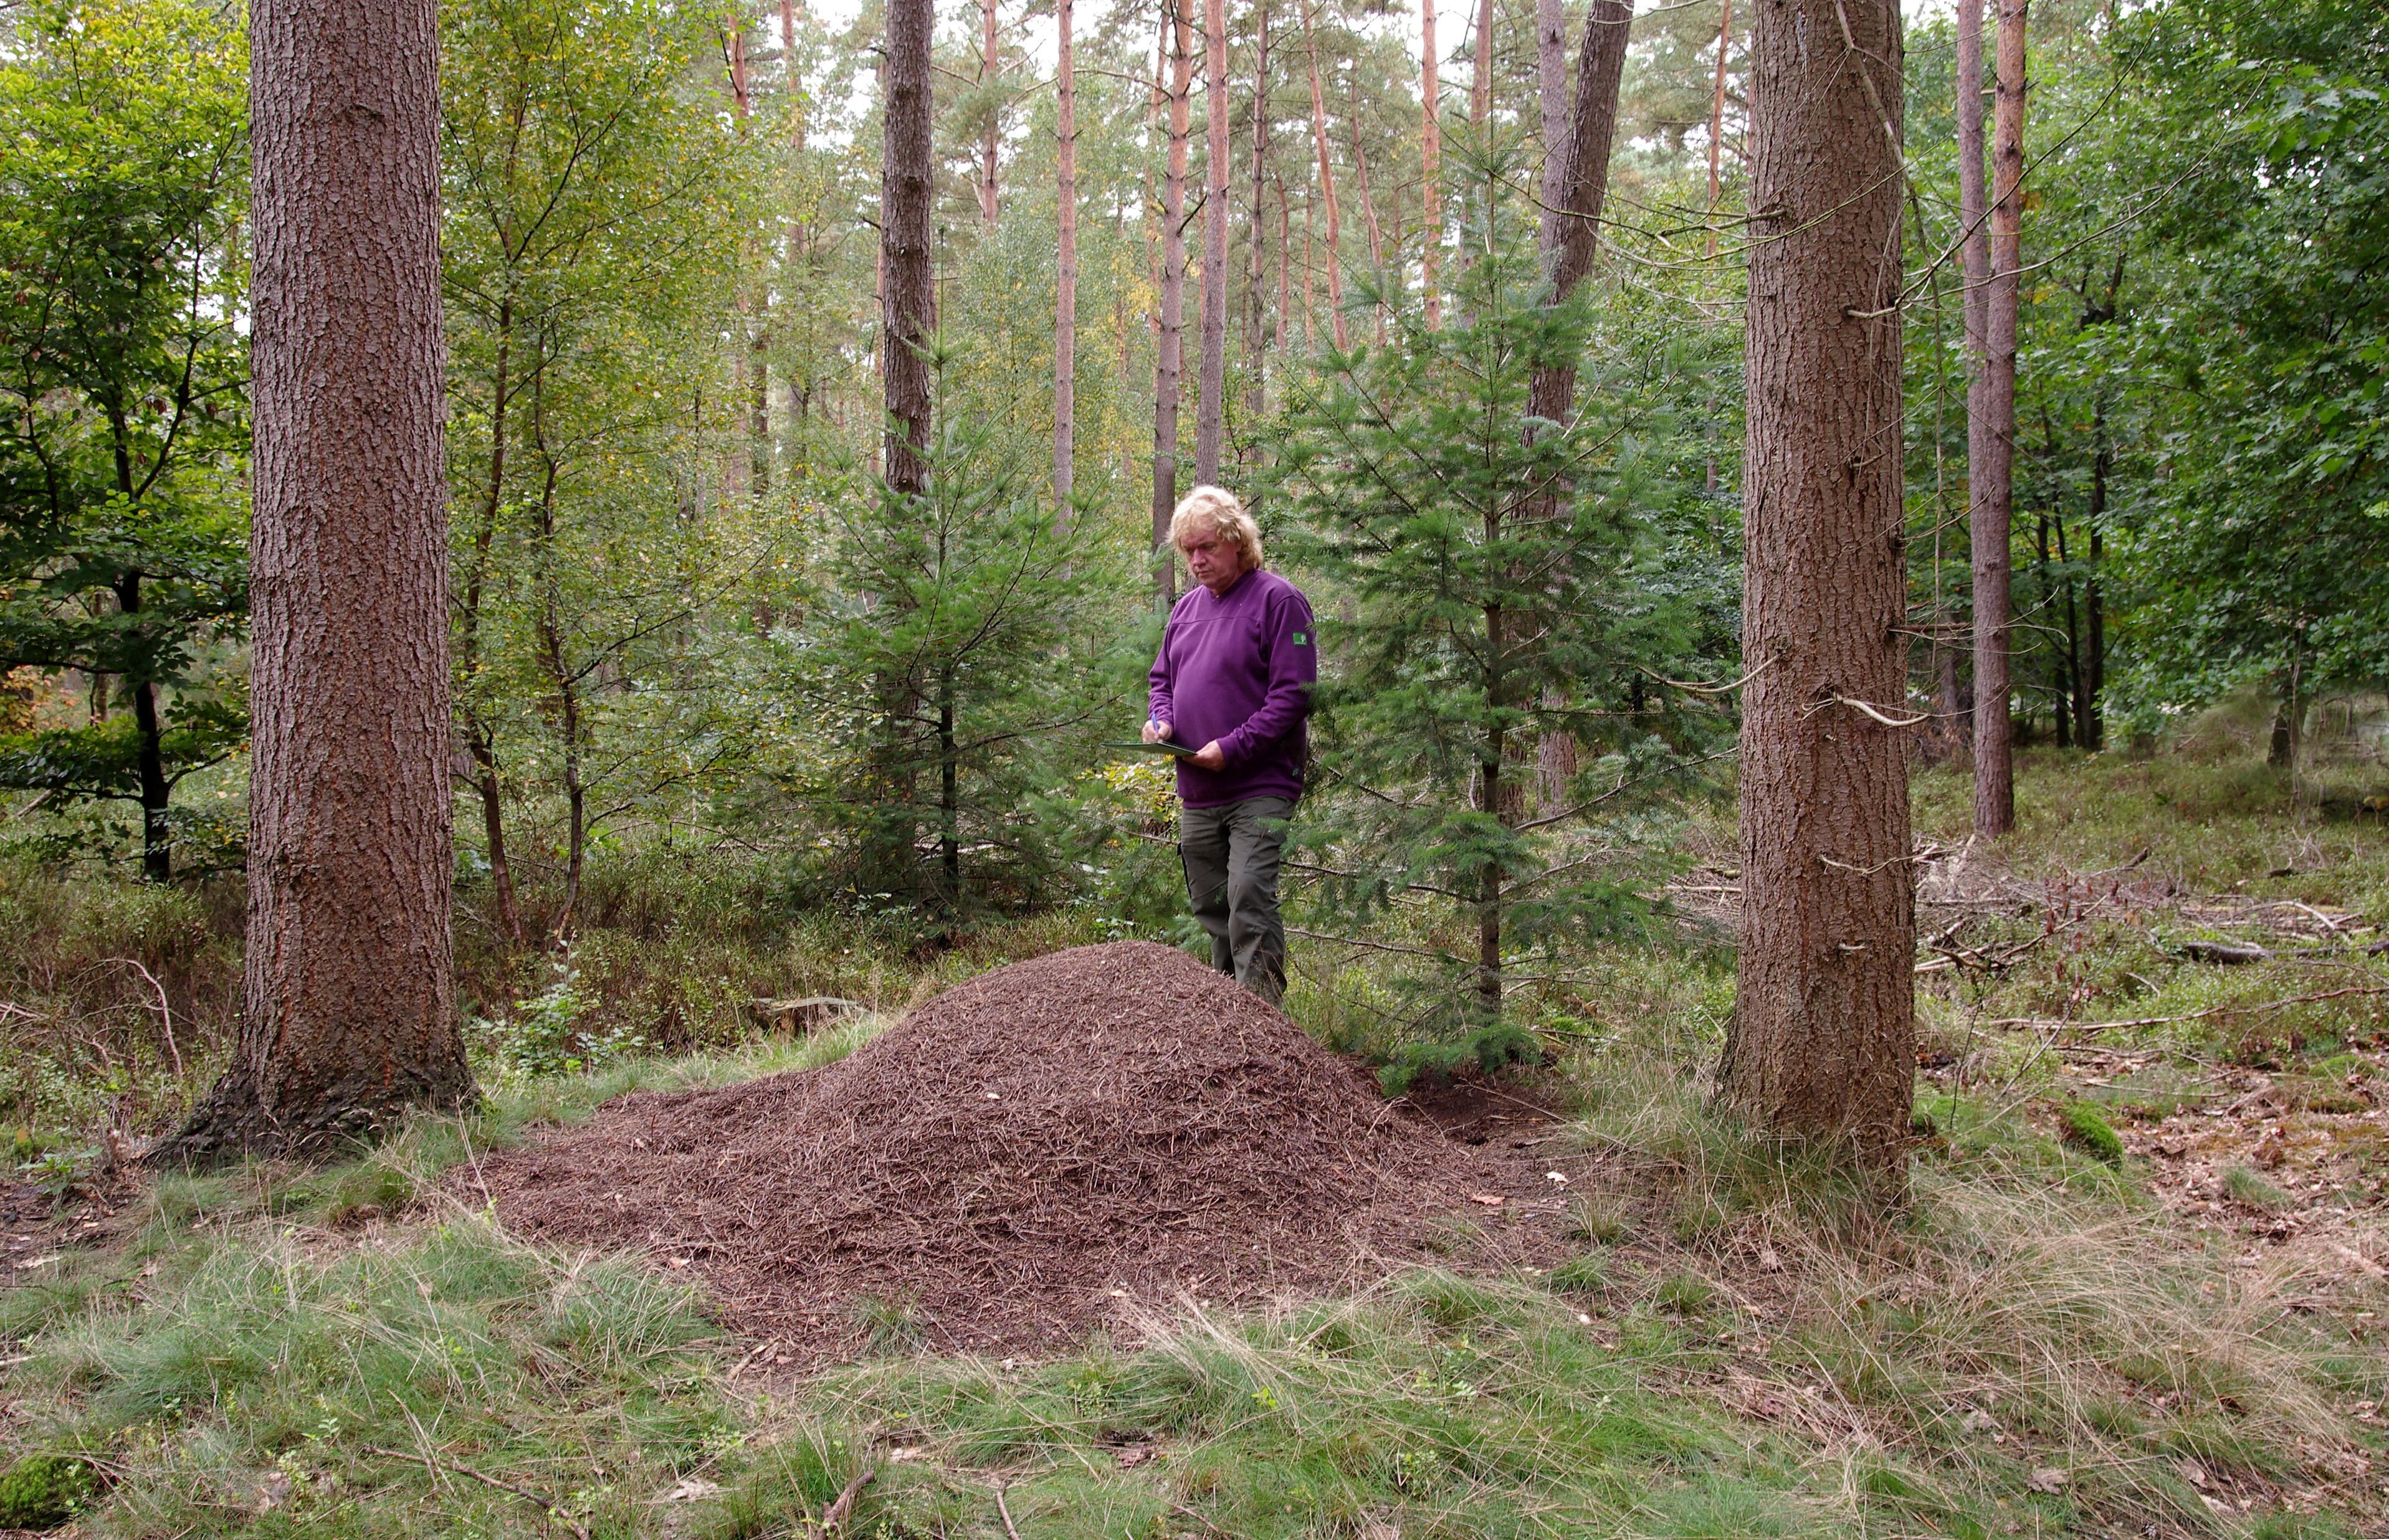 Boswachter Harry Hees inventariseert nesten van rode bosmieren op de Veluwe